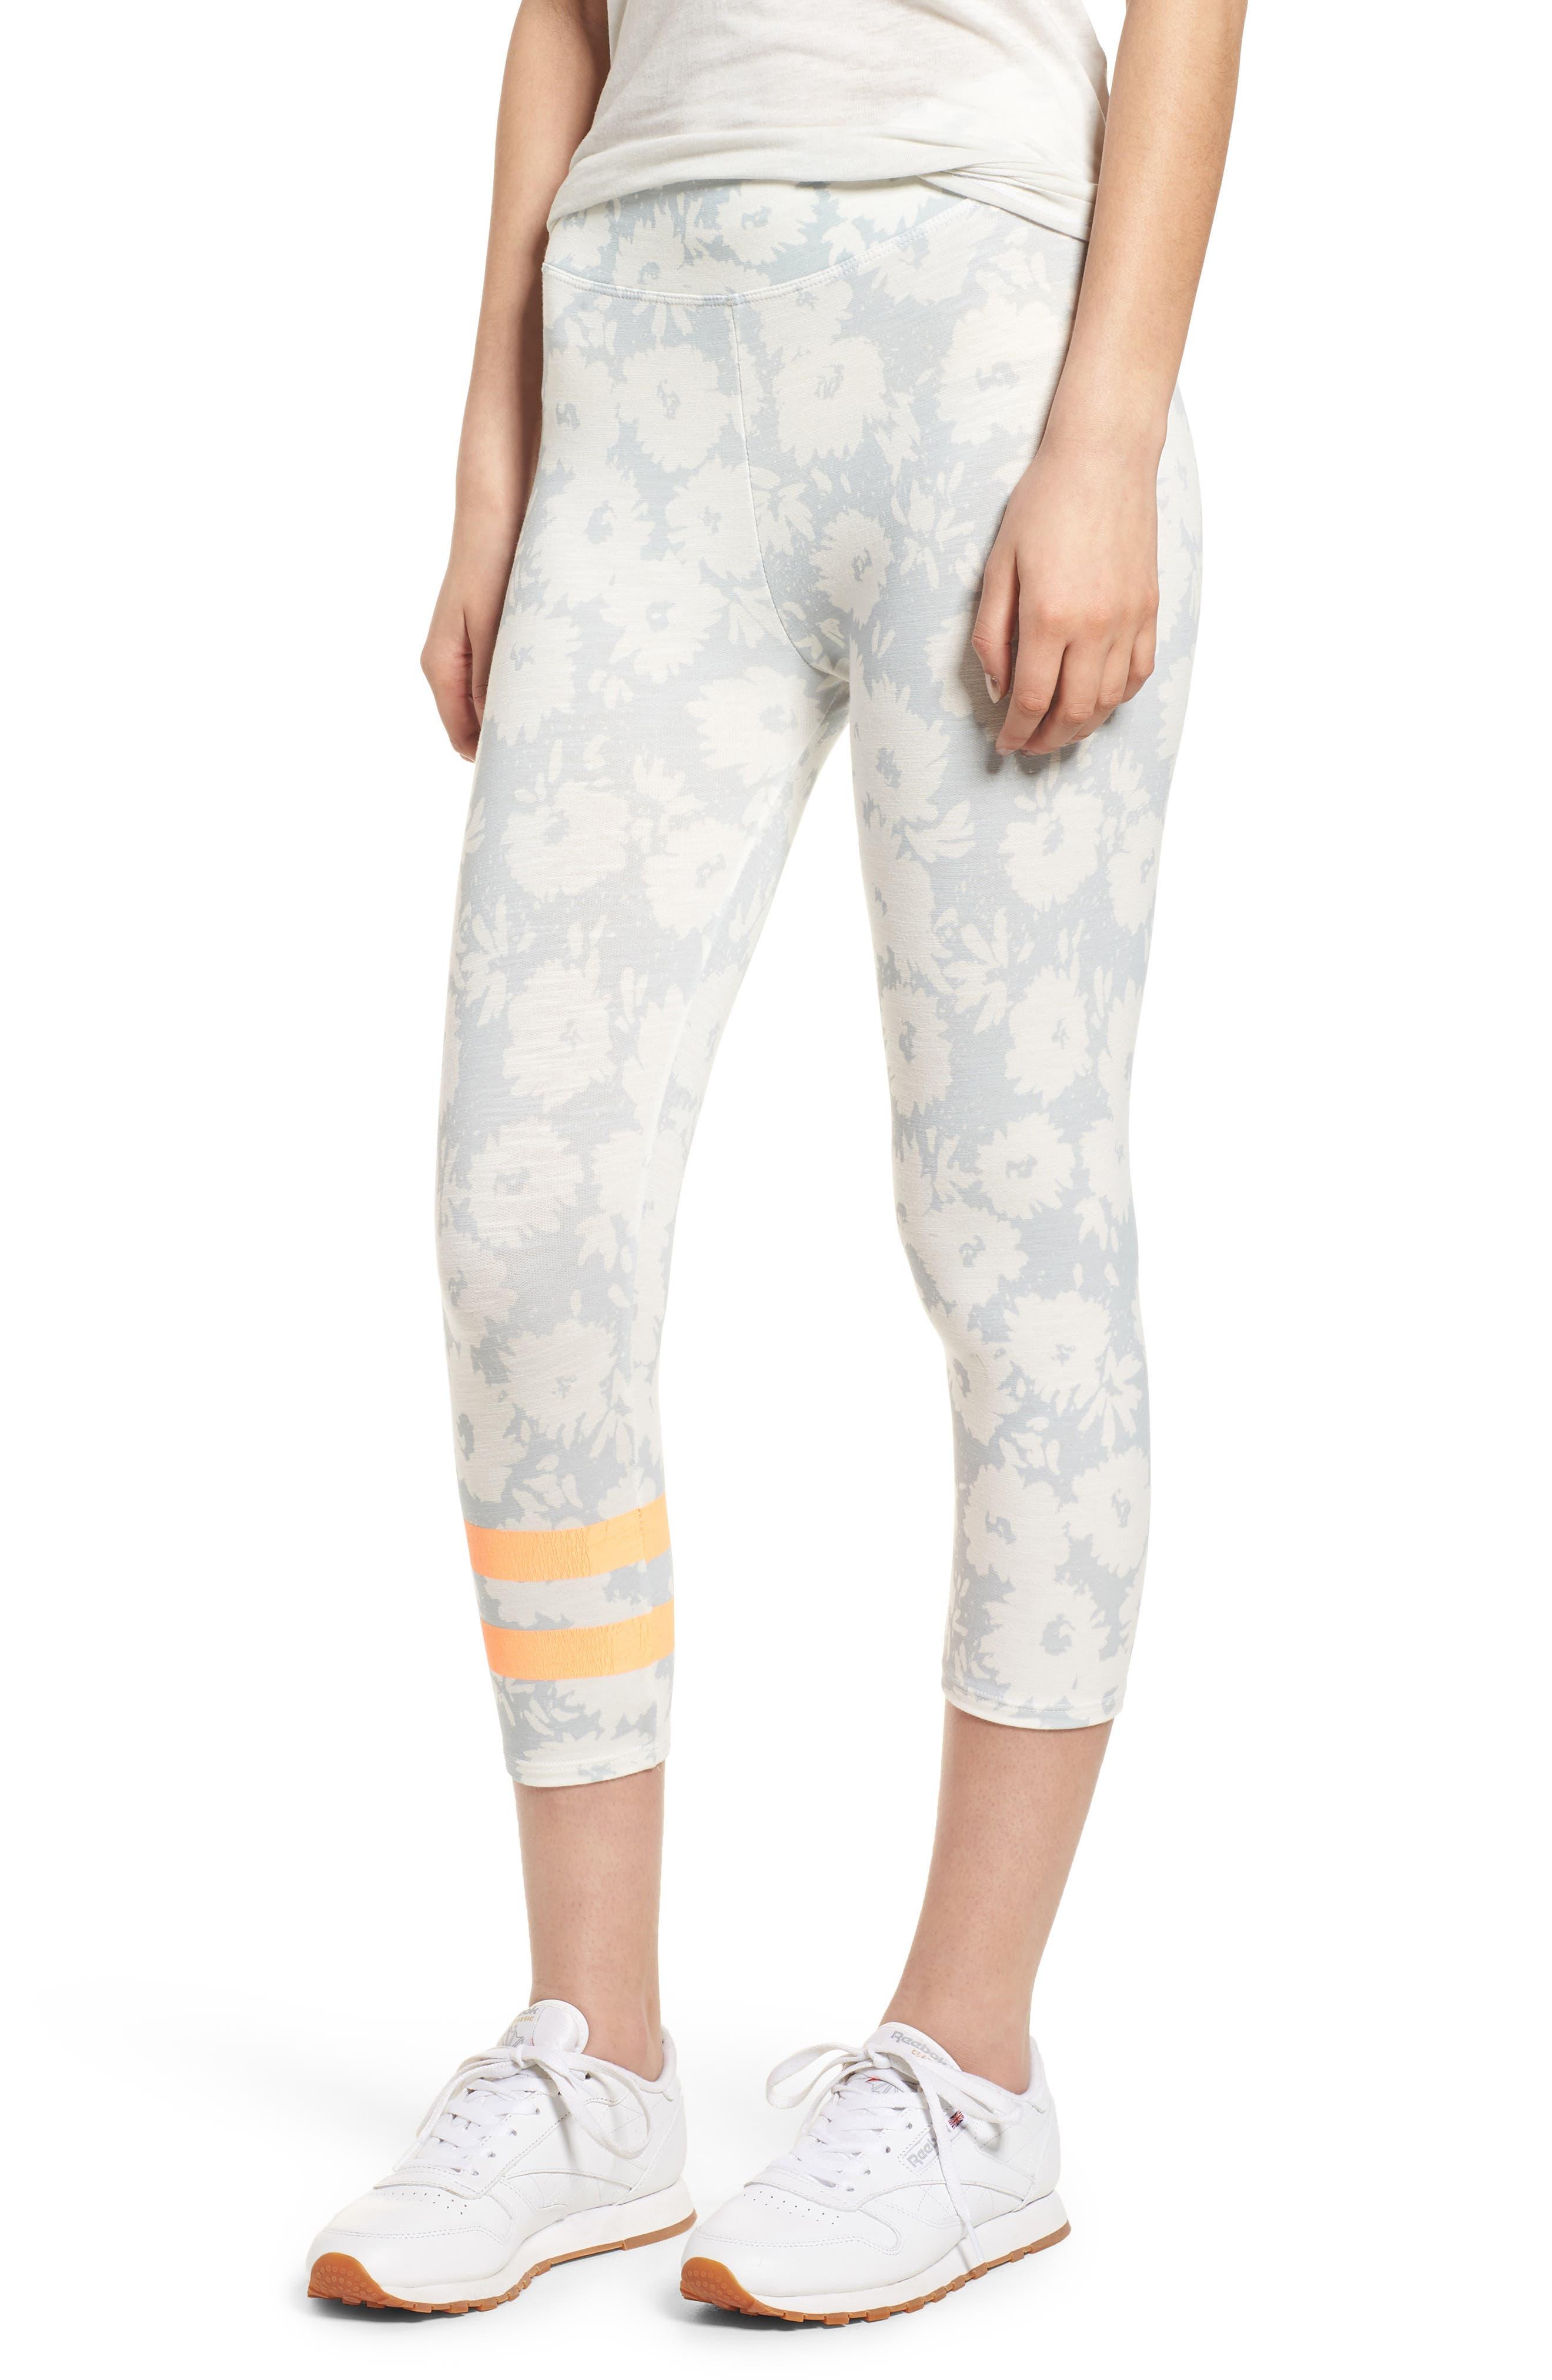 Stripe Print Capri Yoga Pants,                             Main thumbnail 1, color,                             451